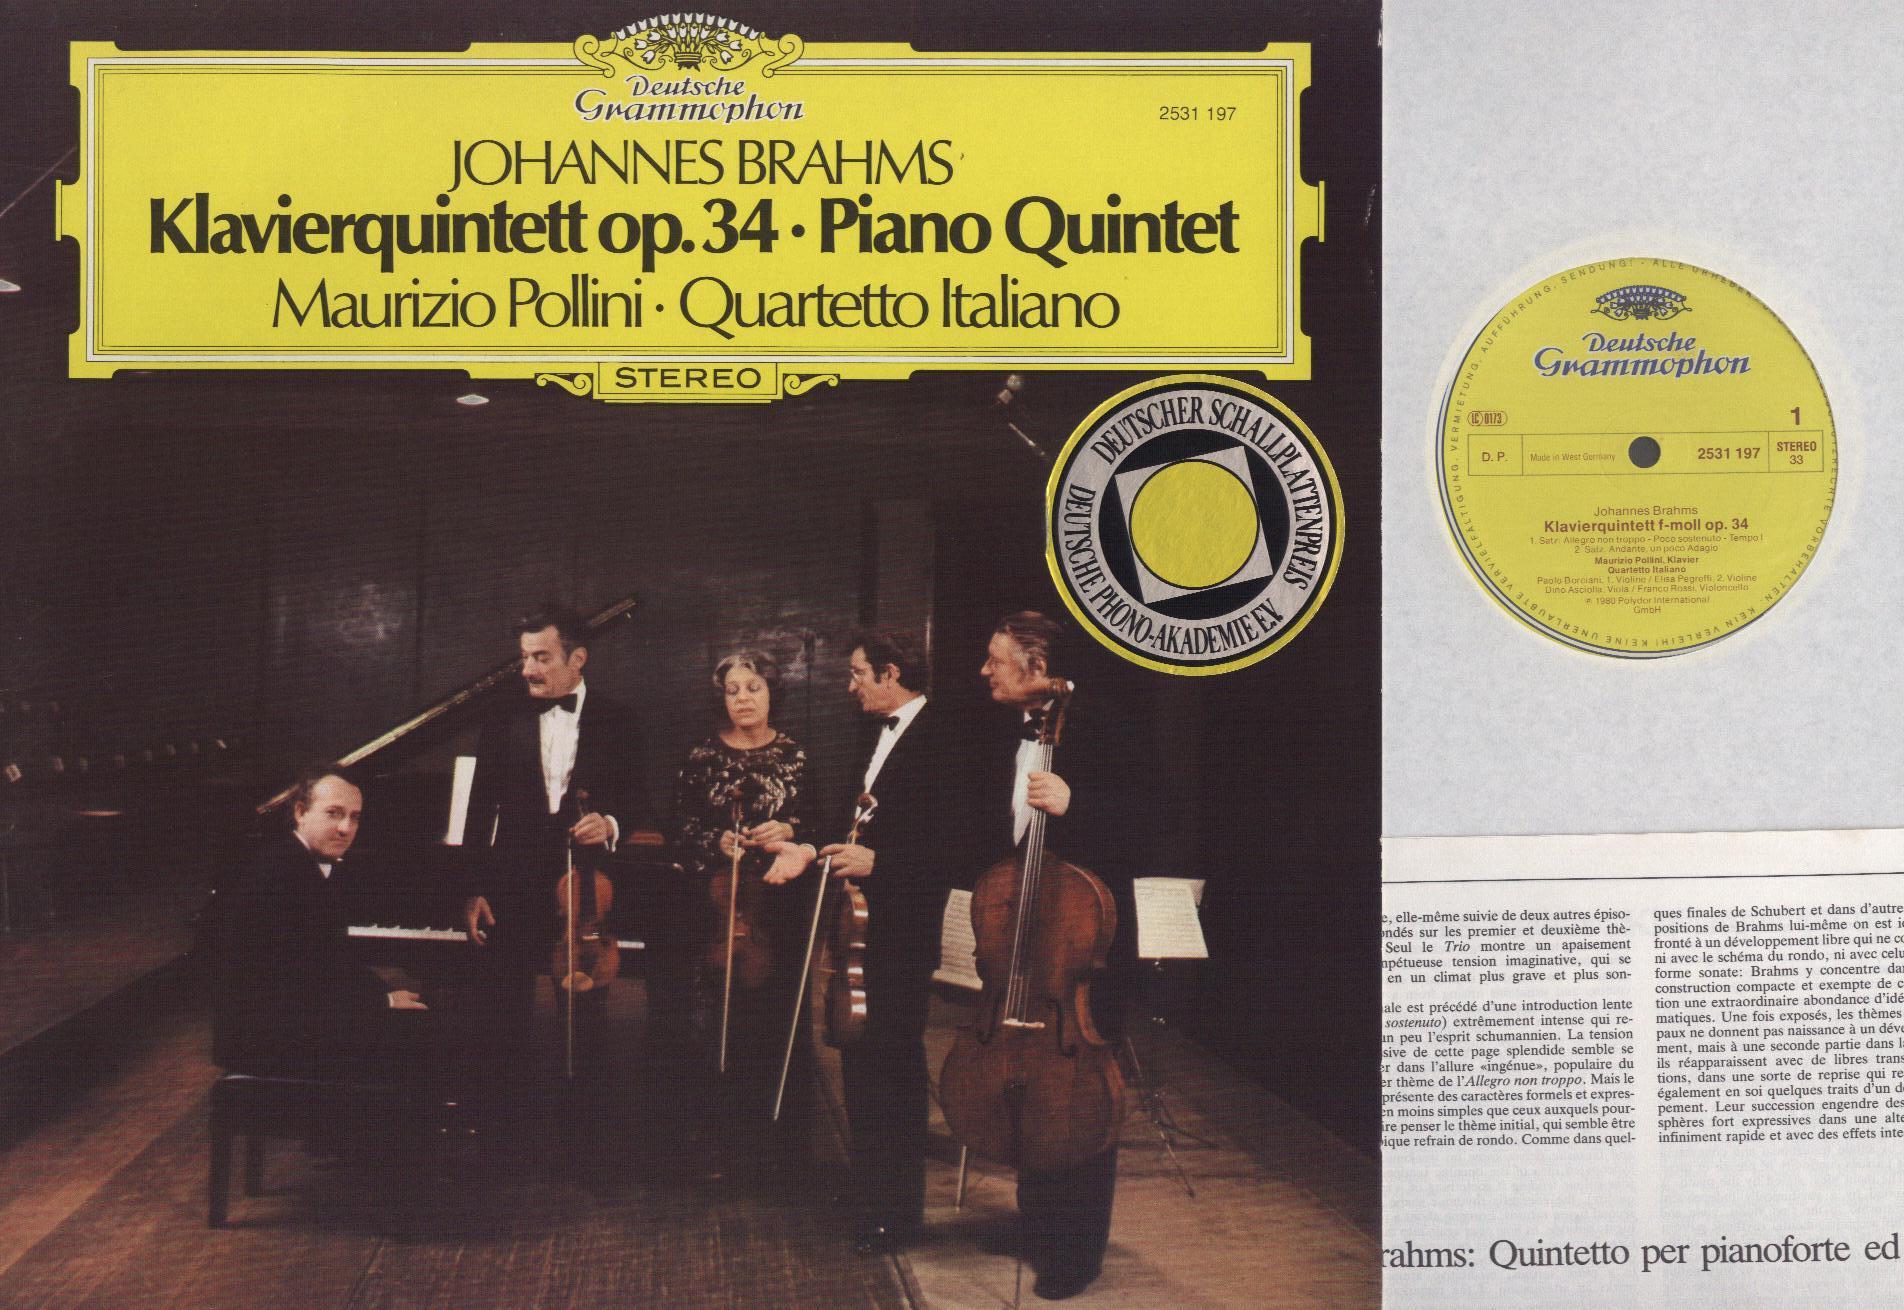 Johannes Brahms - Maurizio Pollini · Quartetto Ita Klavierquintett Op. 34 ·  Piano Quintet